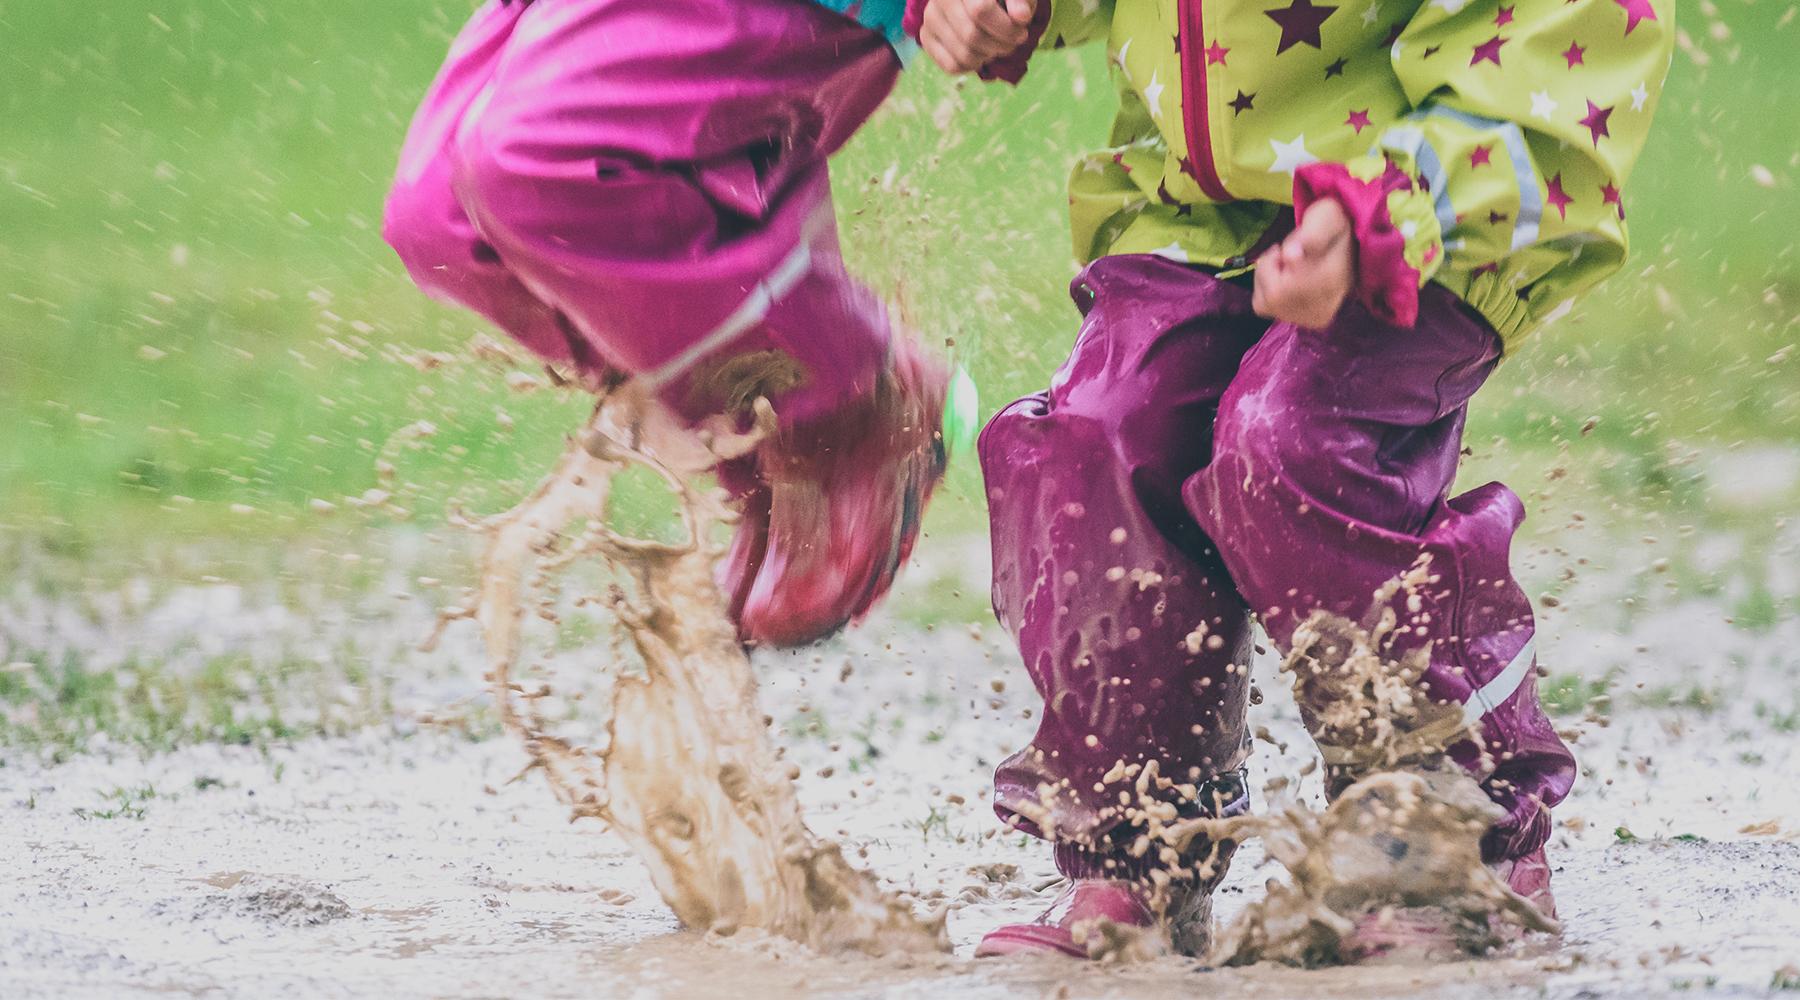 ¿Qué ropa de recambio necesitan los niños para el invierno, el verano, la primavera y el otoño?